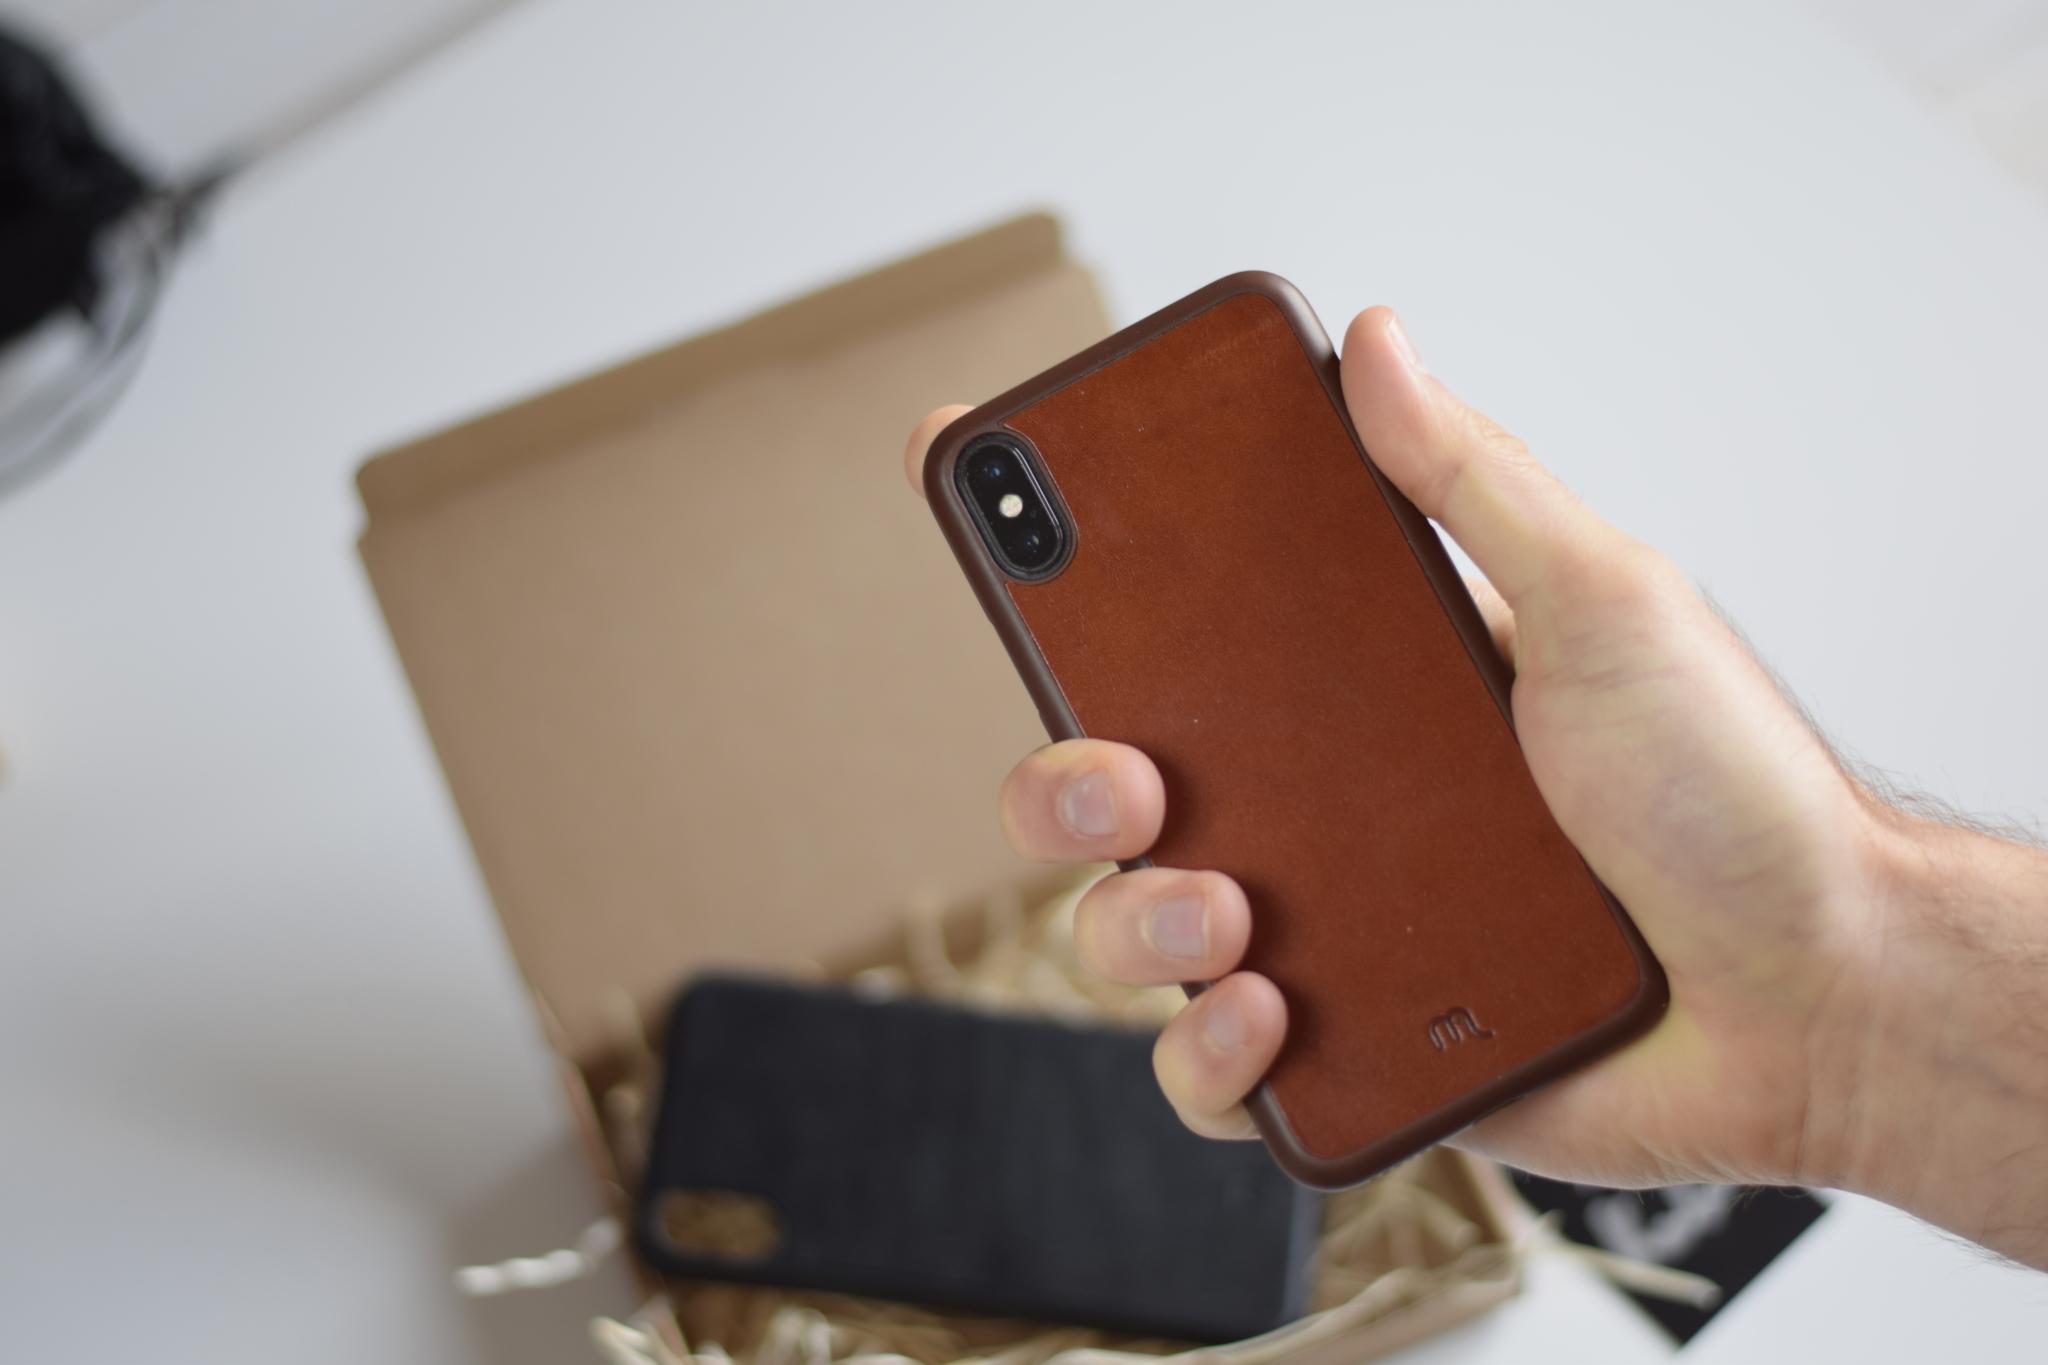 Kožený obal Lemory na iPhone X [uživatelská zkušenost]